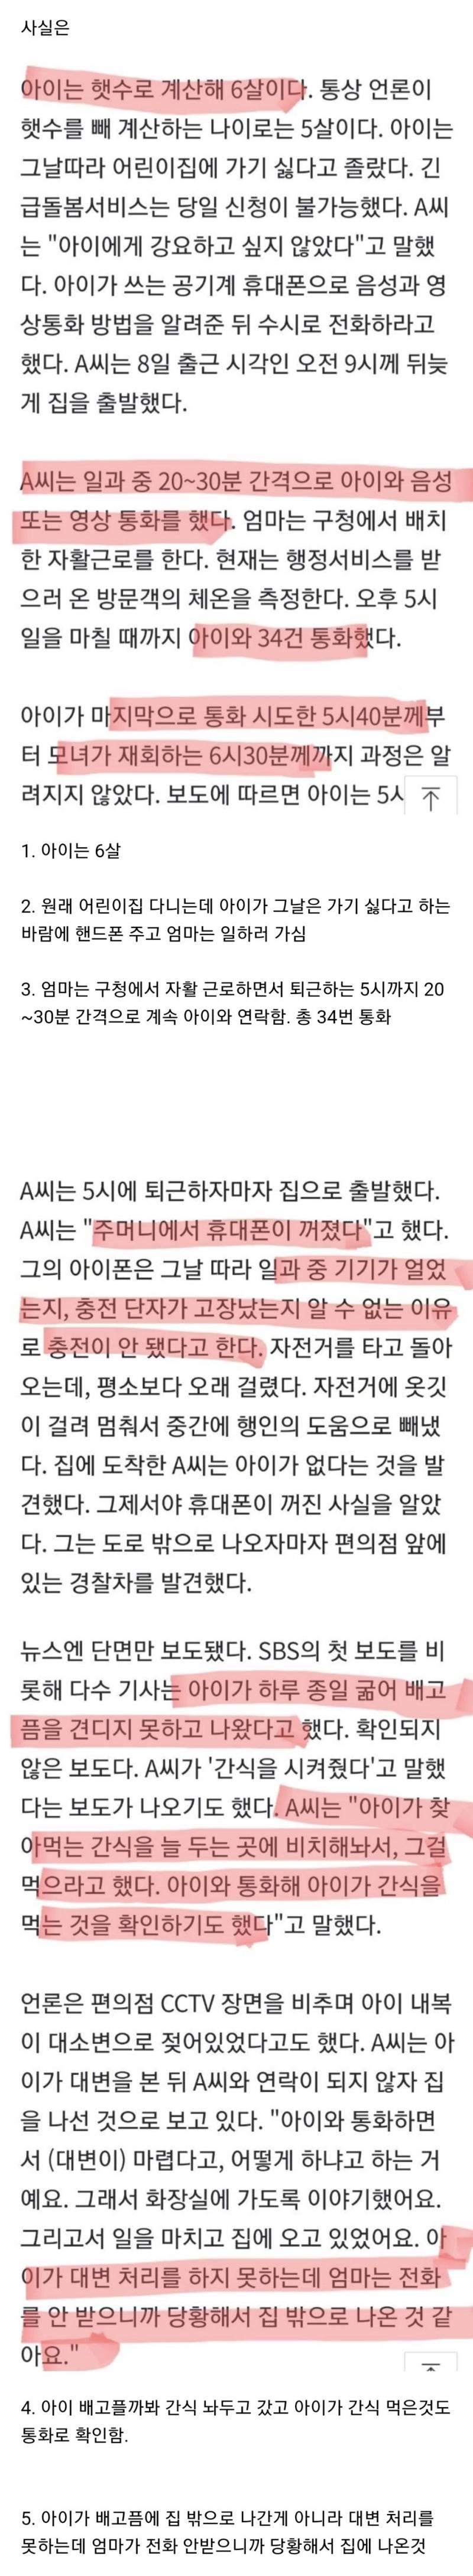 이정도면 소설 수준인 SBS 내복아이 보도 | 인스티즈